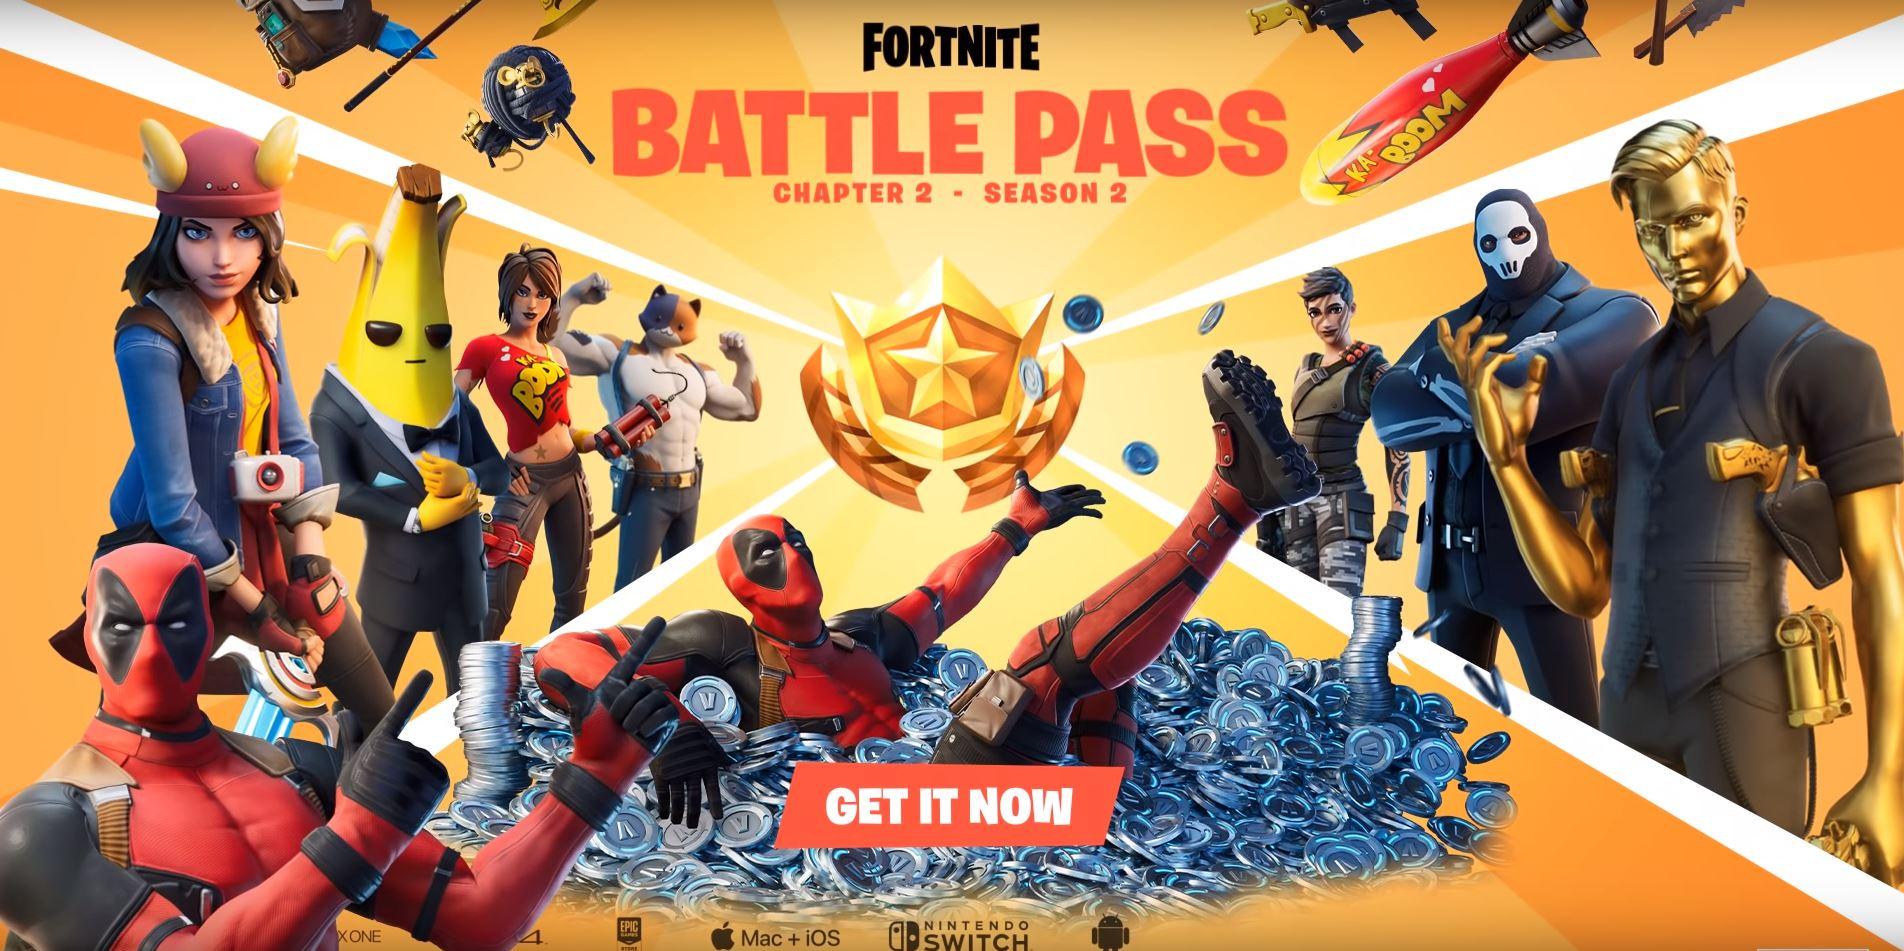 Fortnite Chapter 2 Season 2 Battle Pass Skins - Deadpool Fortnite Skin - Fortnite Insider